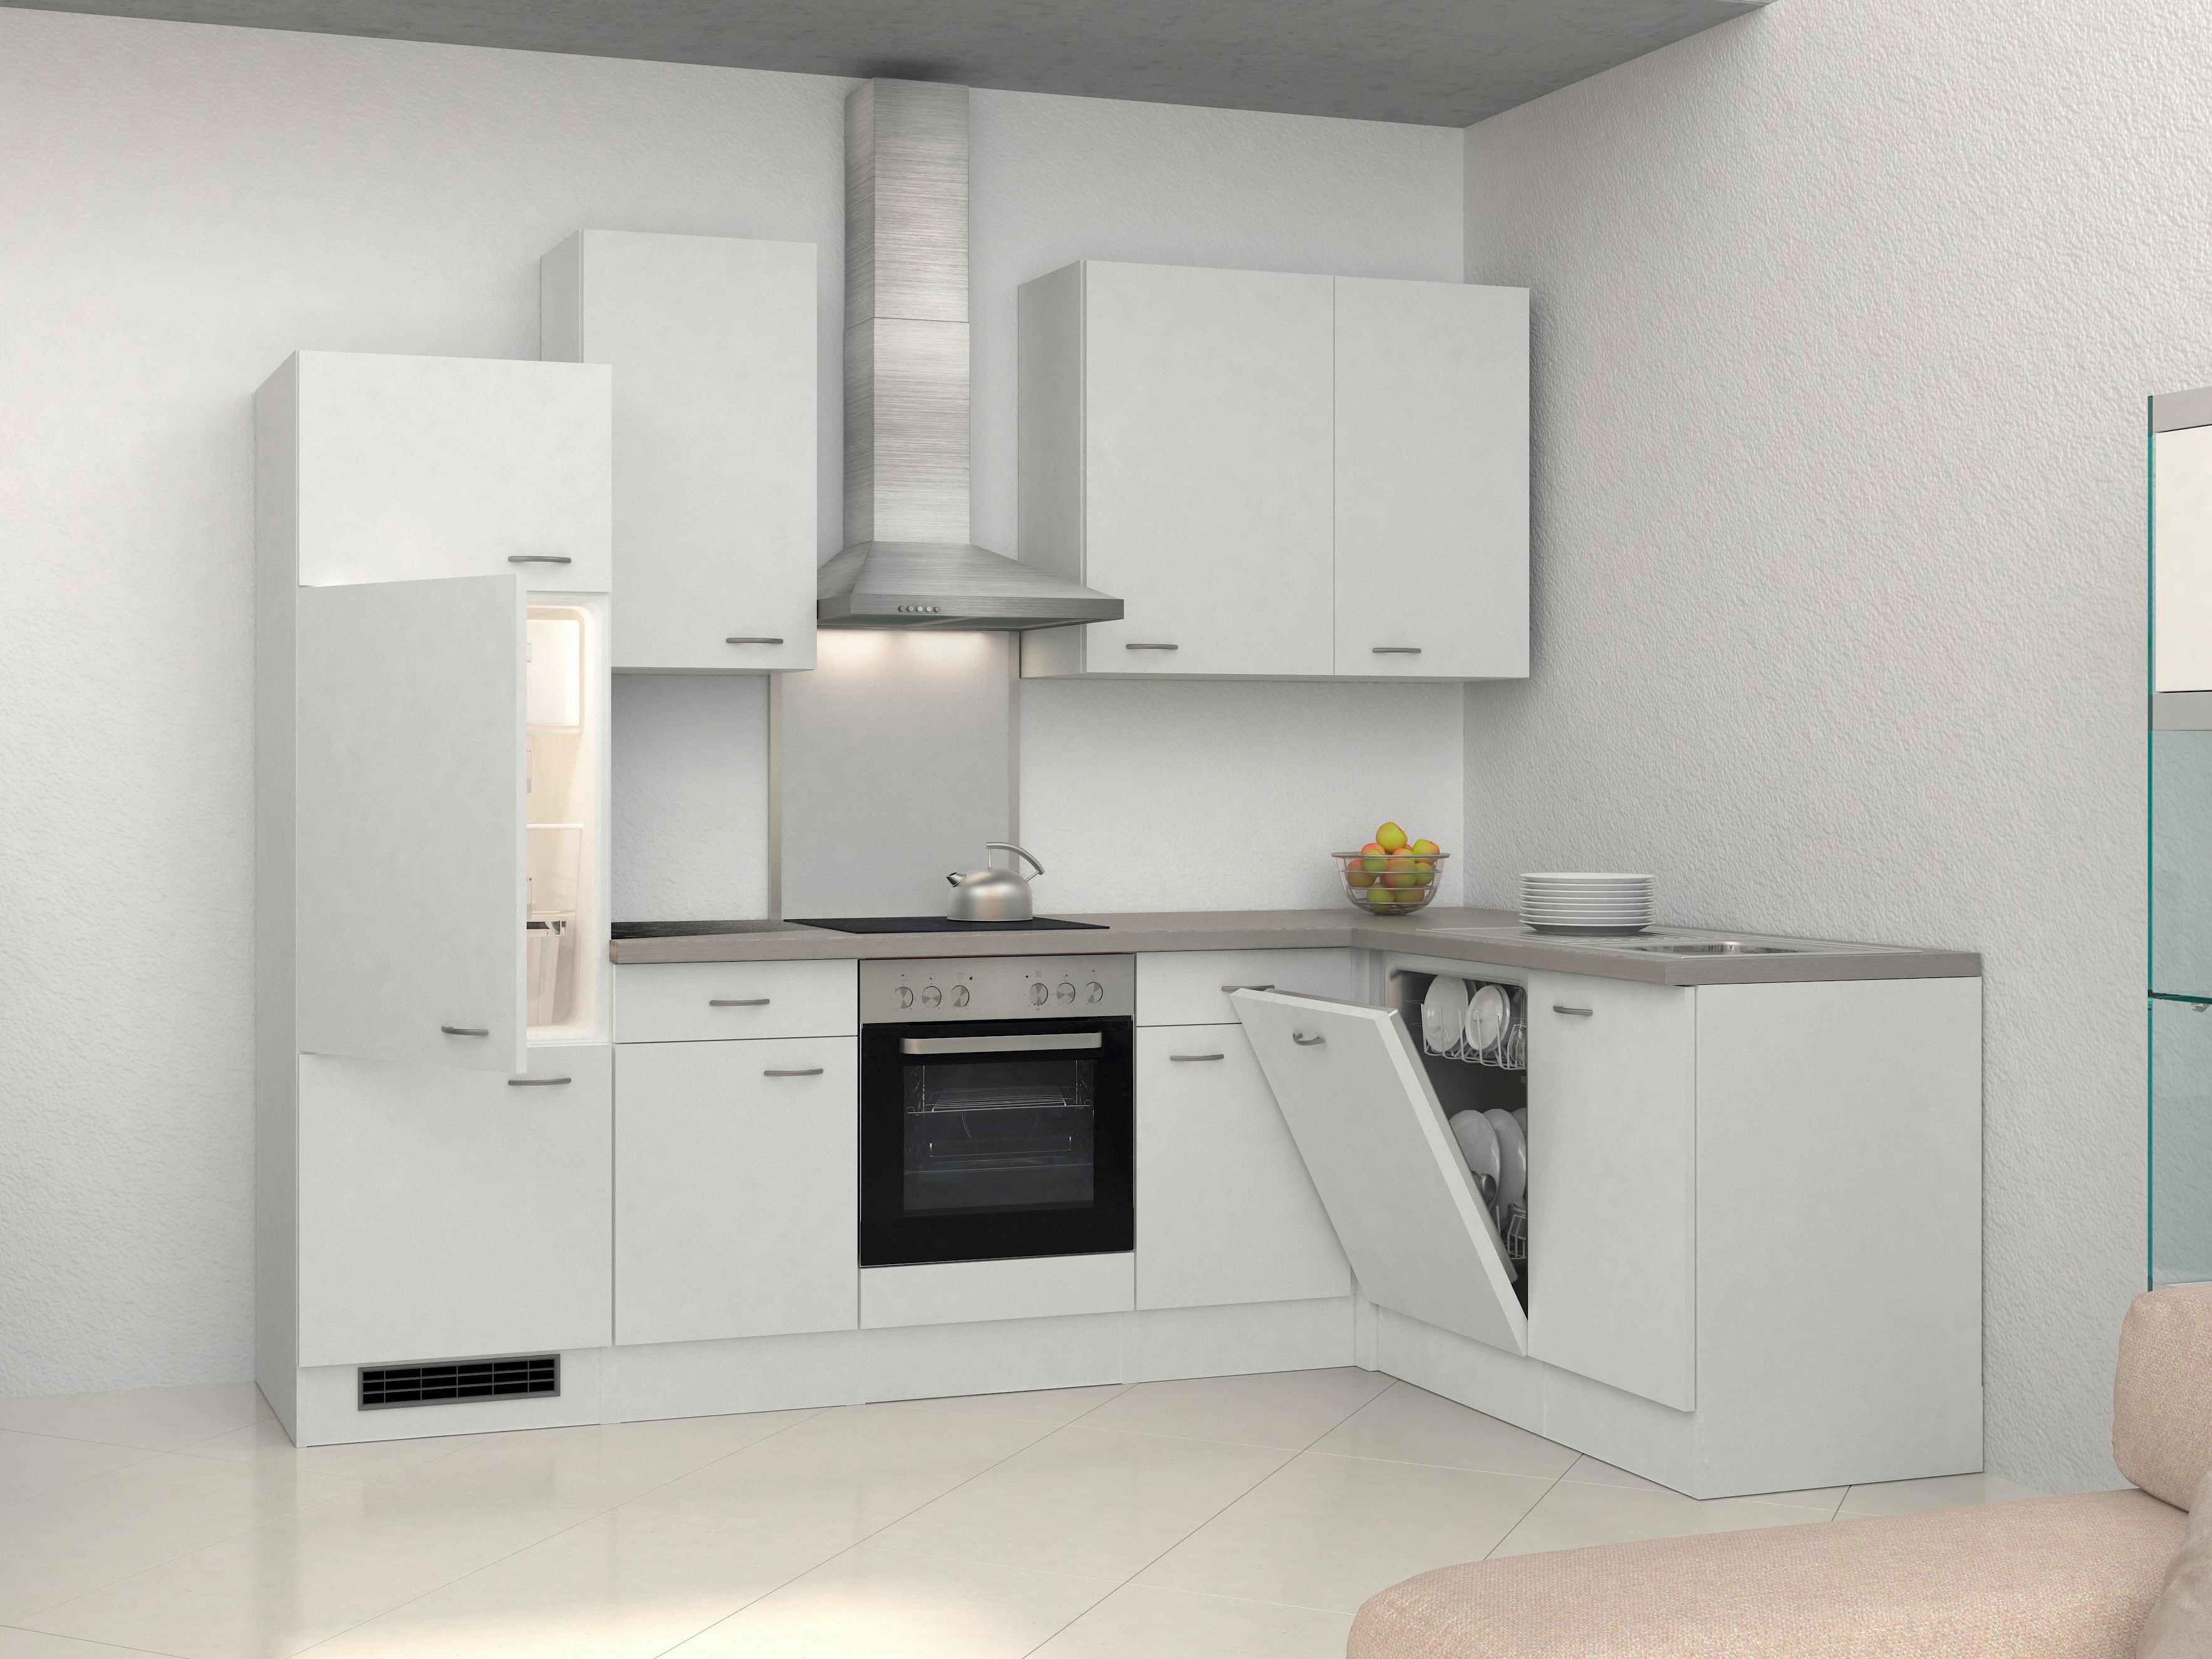 Eckküche Wito 280x170 cm Weiß - Edelstahlfarben/Weiß, MODERN, Holzwerkstoff (280/170cm)